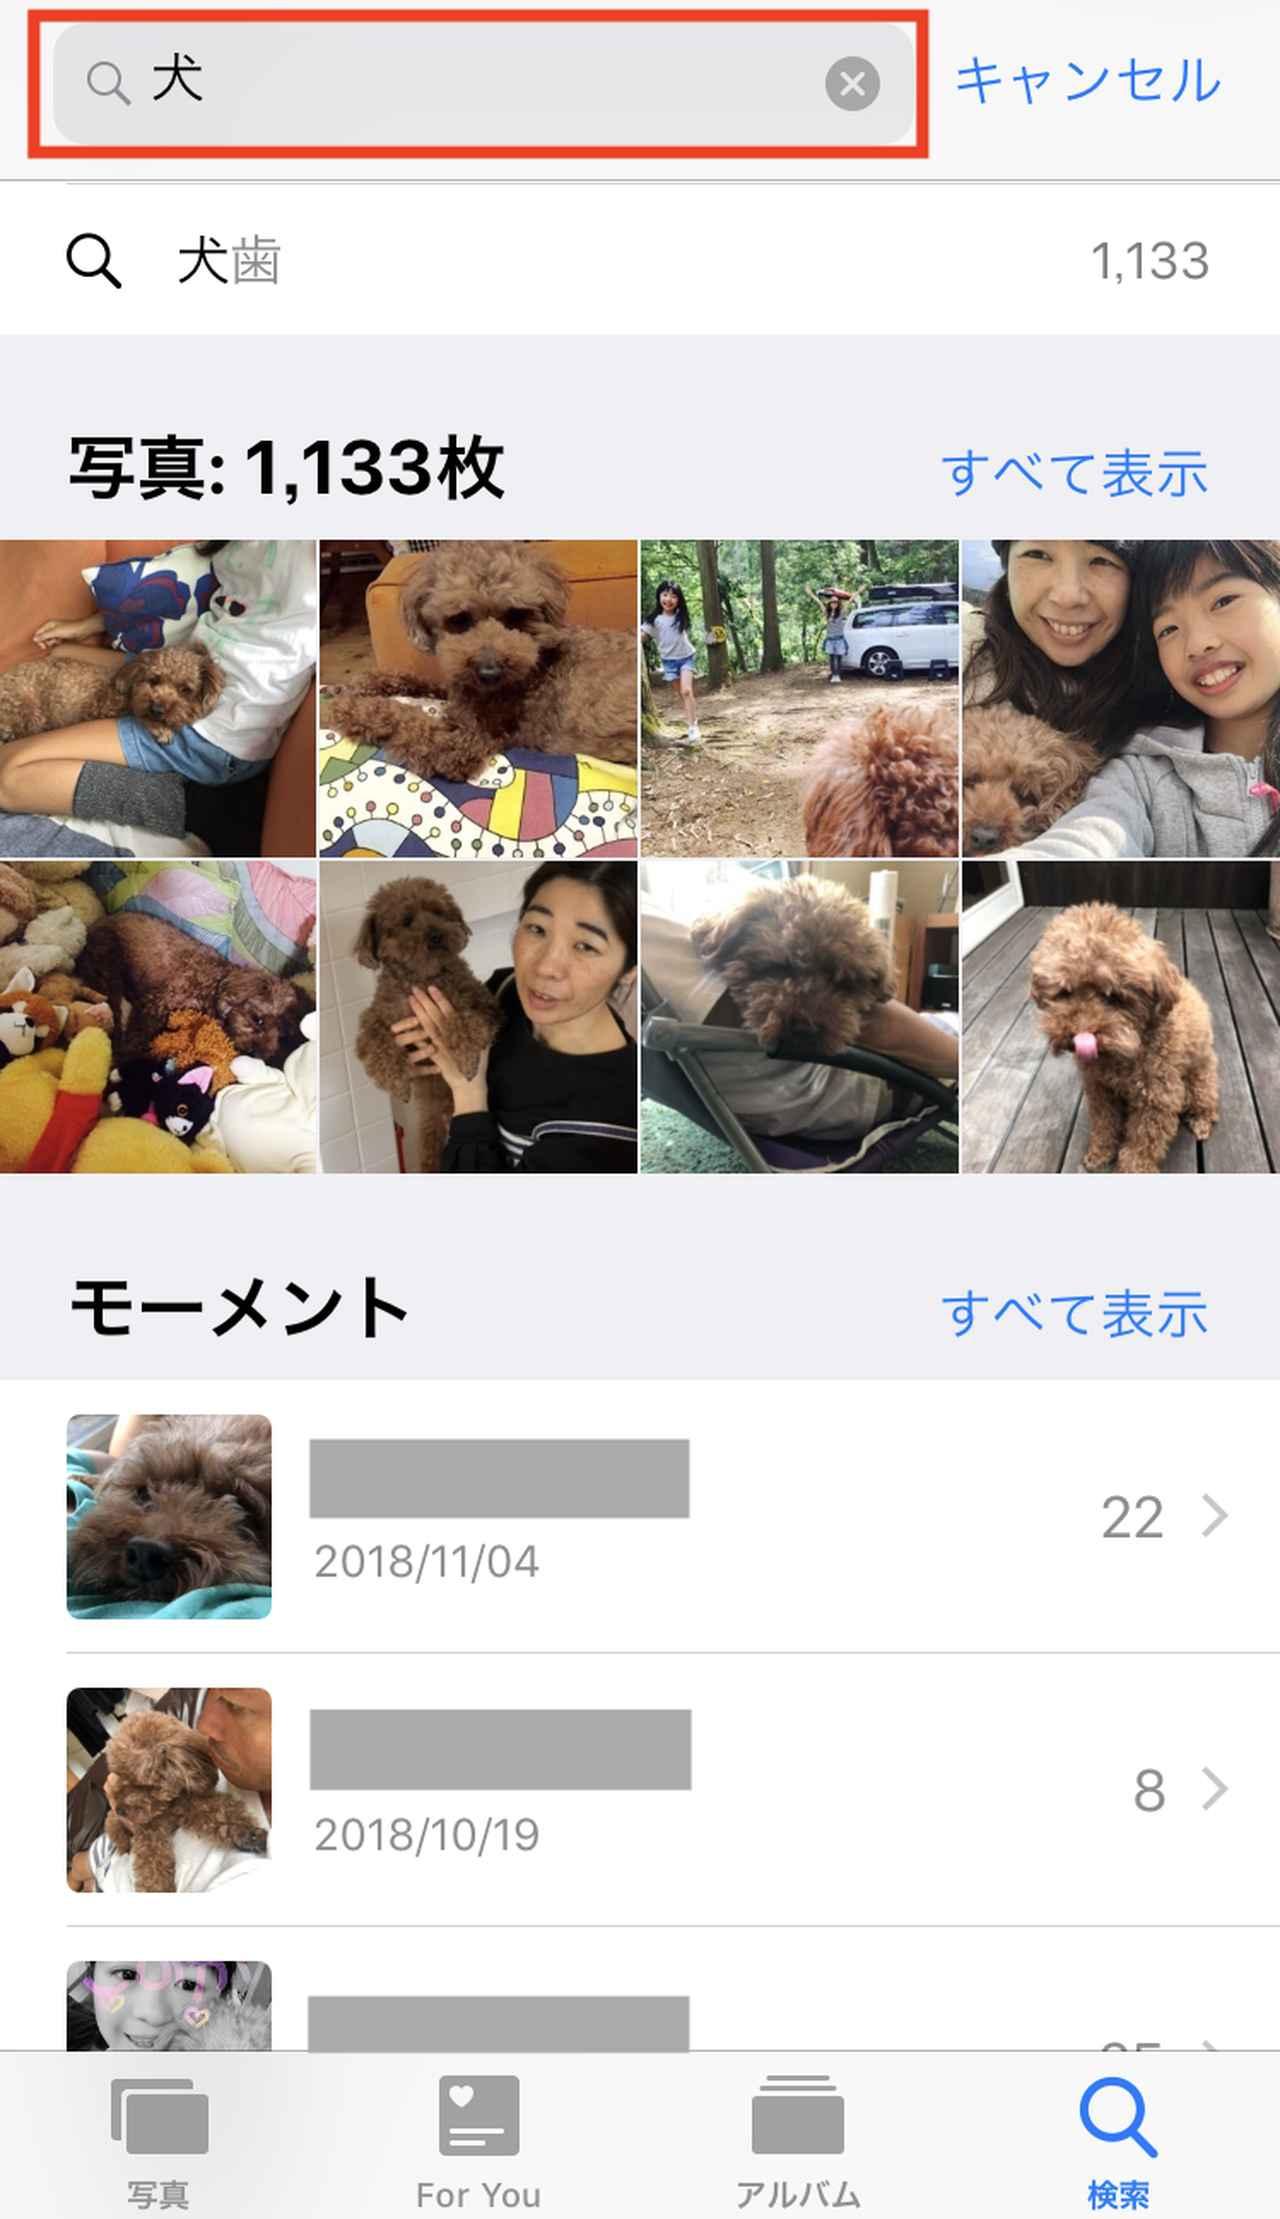 画像: 「犬」と入力すると、写真の中から犬が写った写真だけが表示されます。